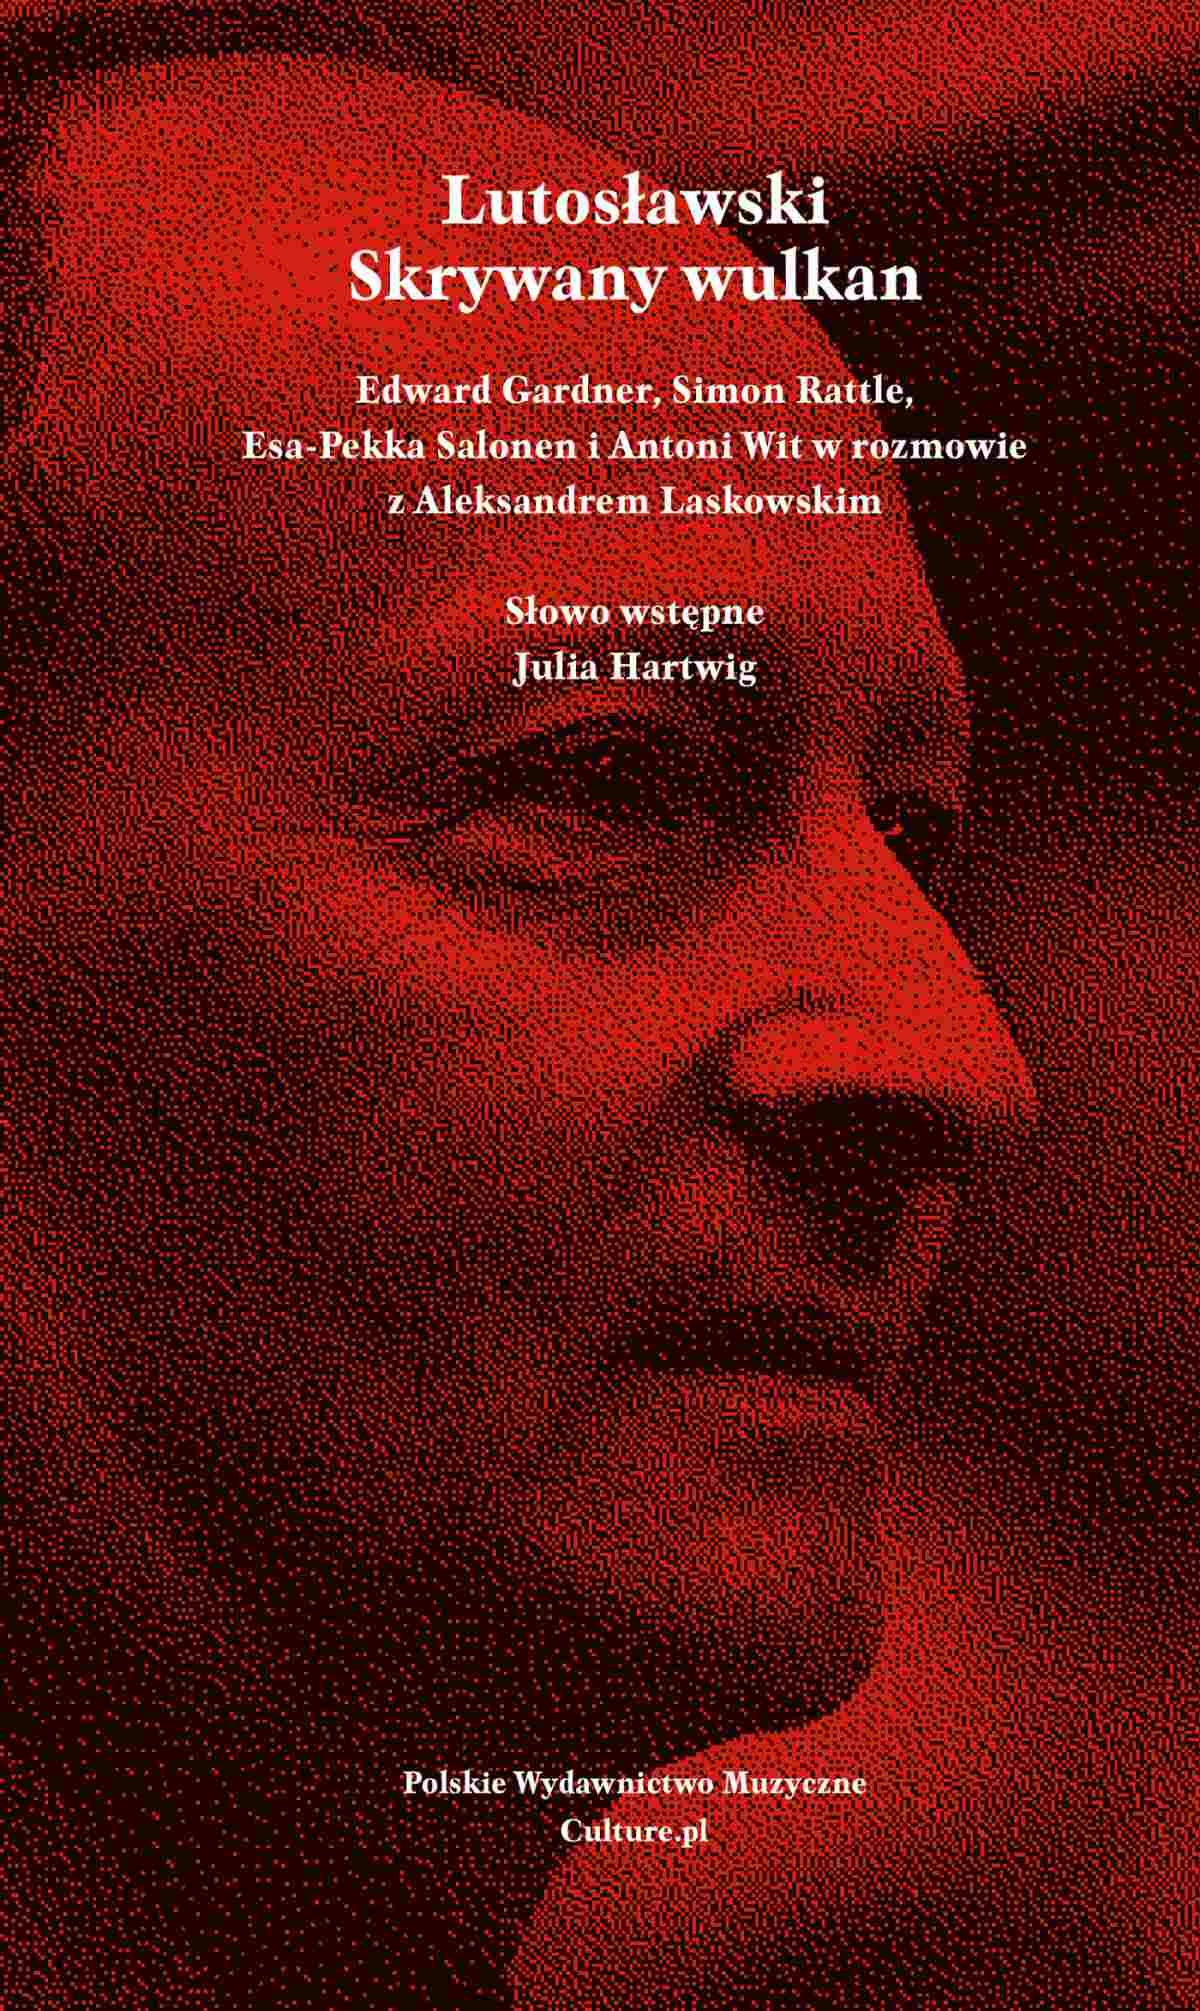 Lutosławski. Skrywany wulkan - Ebook (Książka EPUB) do pobrania w formacie EPUB